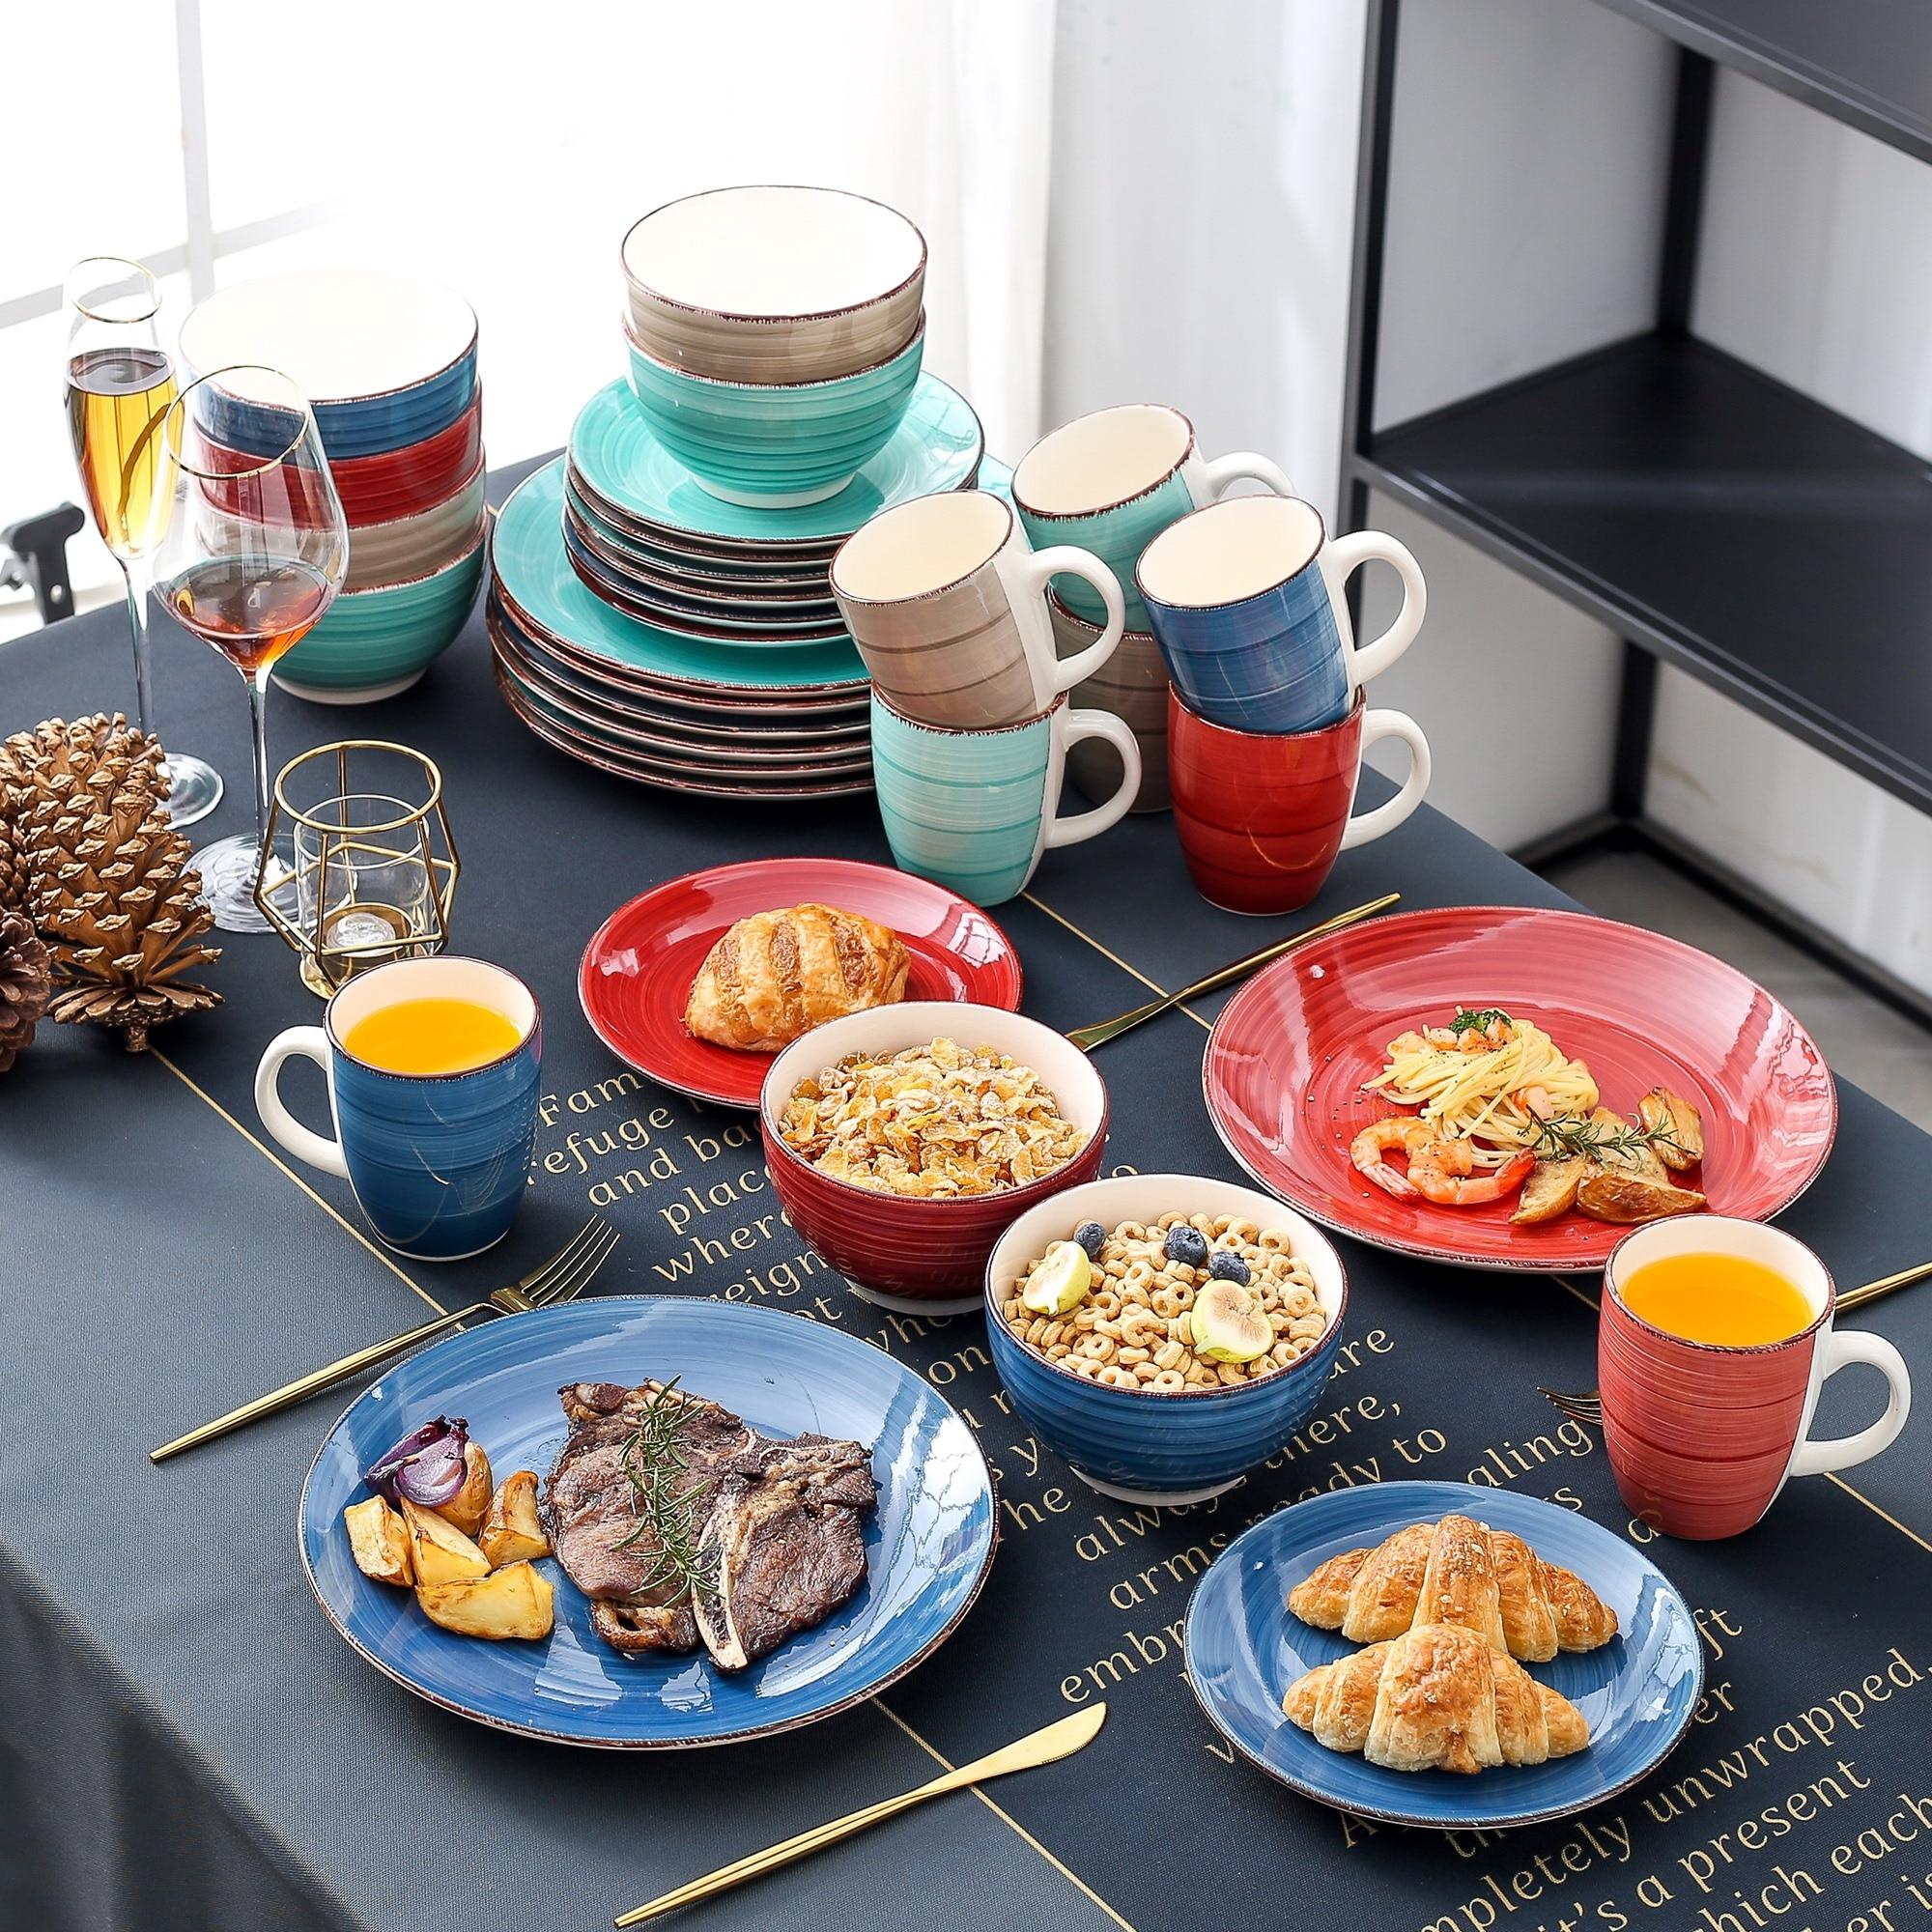 Vancasso Bella-ensemble de table en porcelaine   32 pièces, service d'assiettes en céramique Look Vintage avec assiette à dîner 8 *, assiette à Dessert, bol et tasse